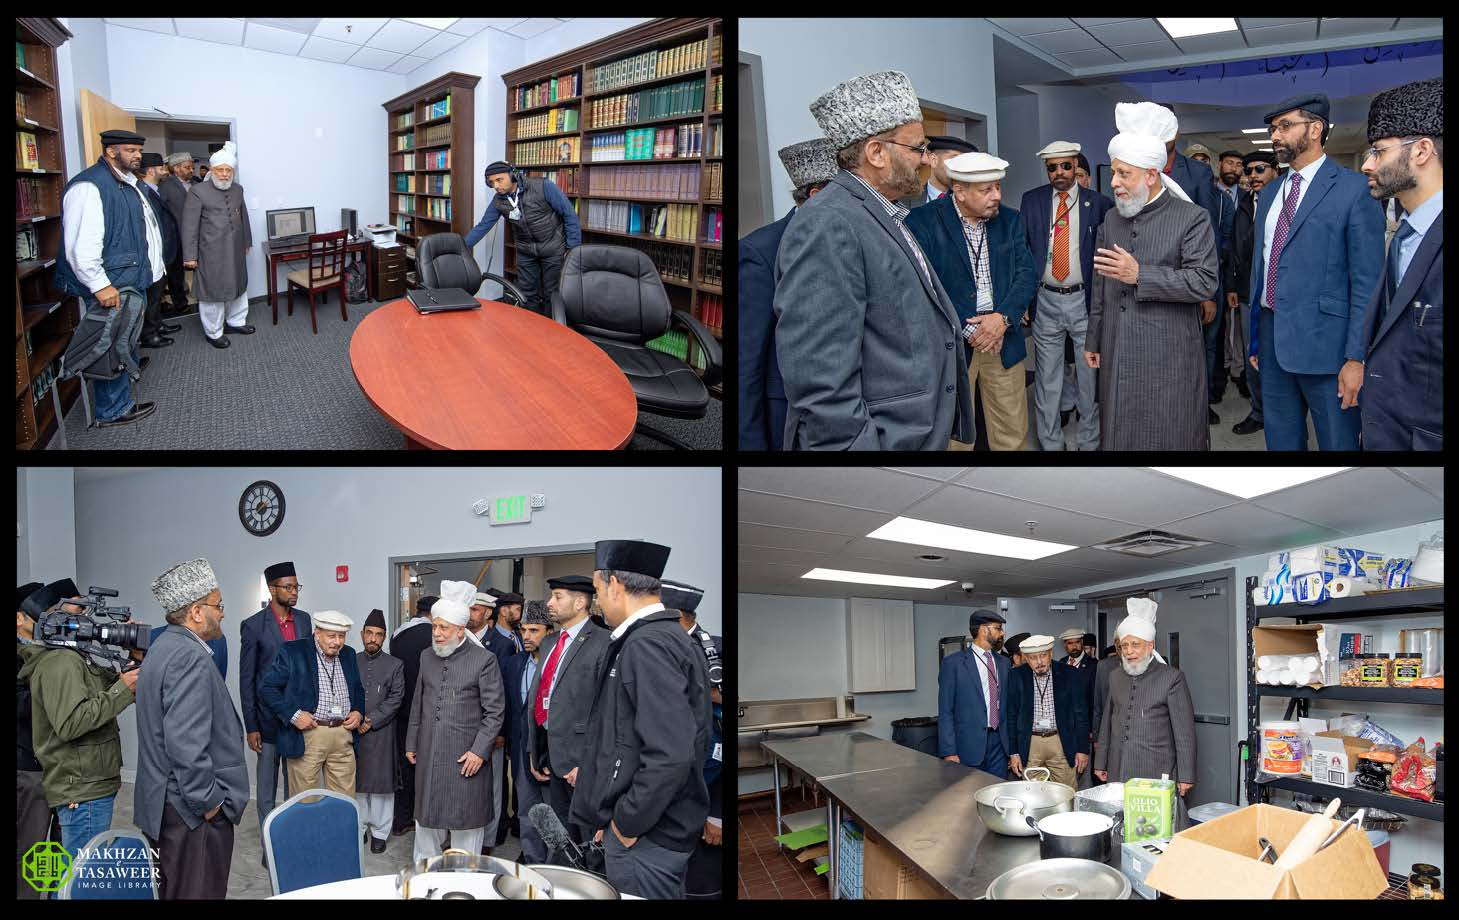 Халифа АКШ мусулман